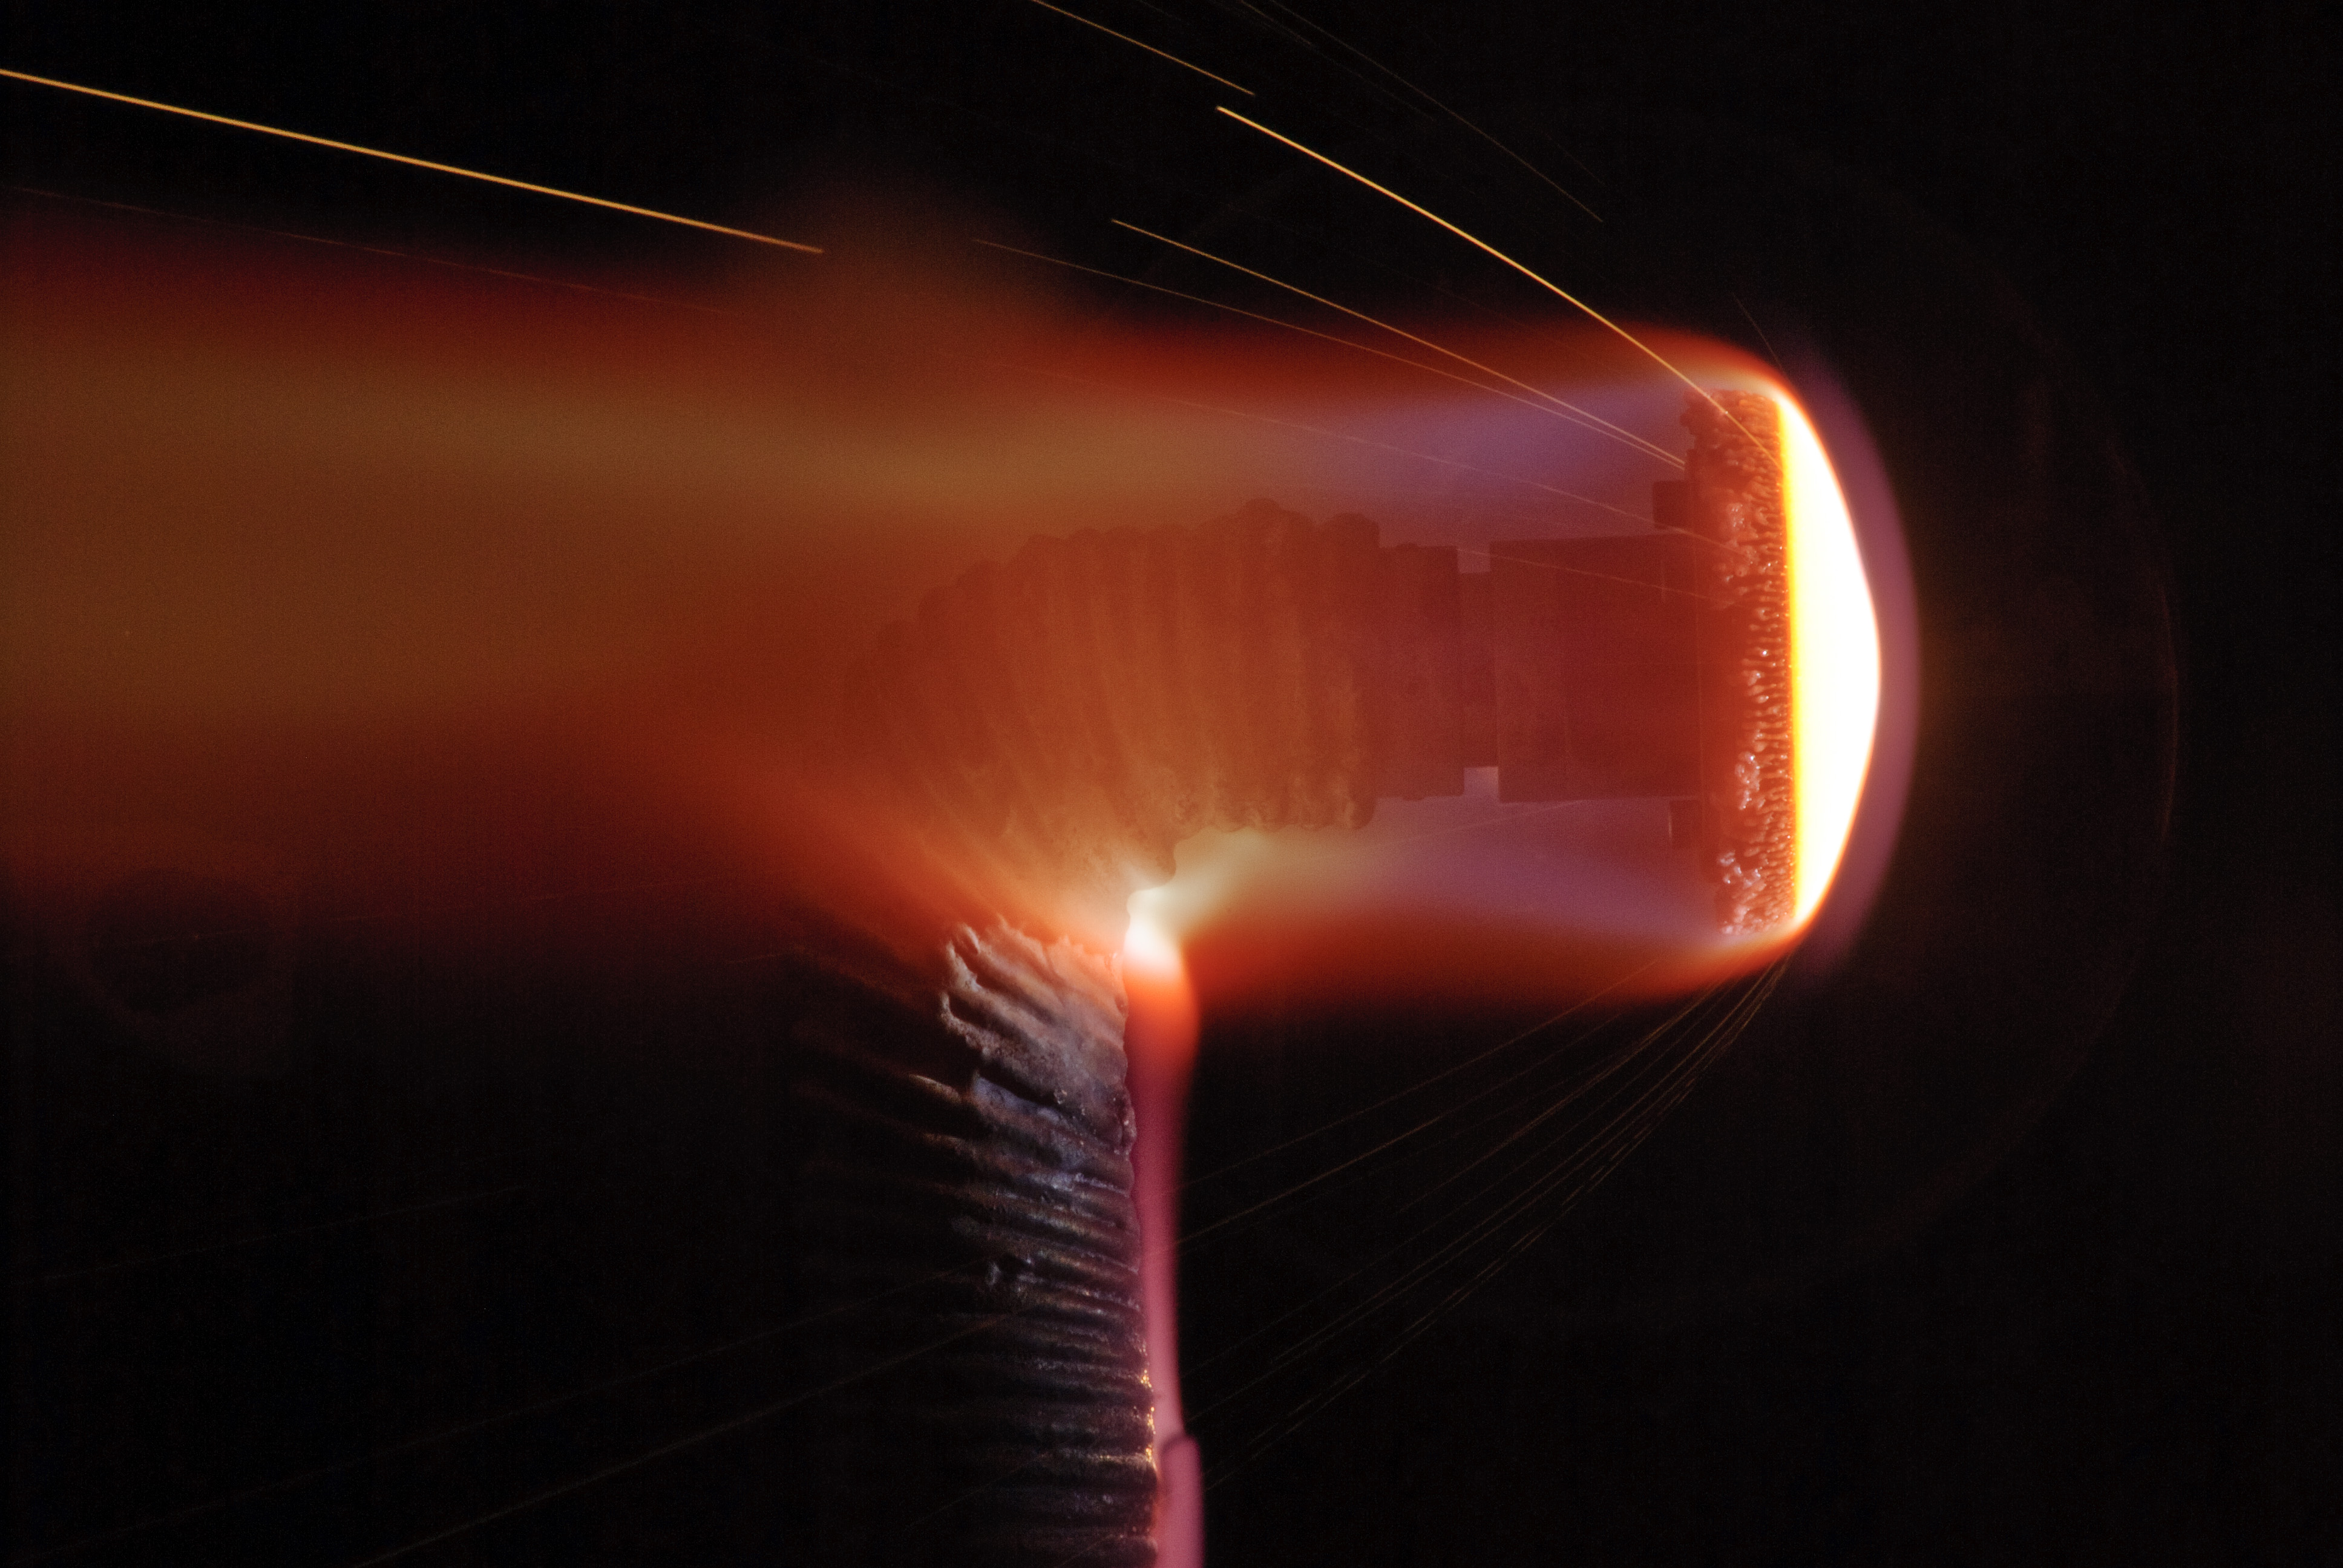 spacecraft heat shield - photo #28